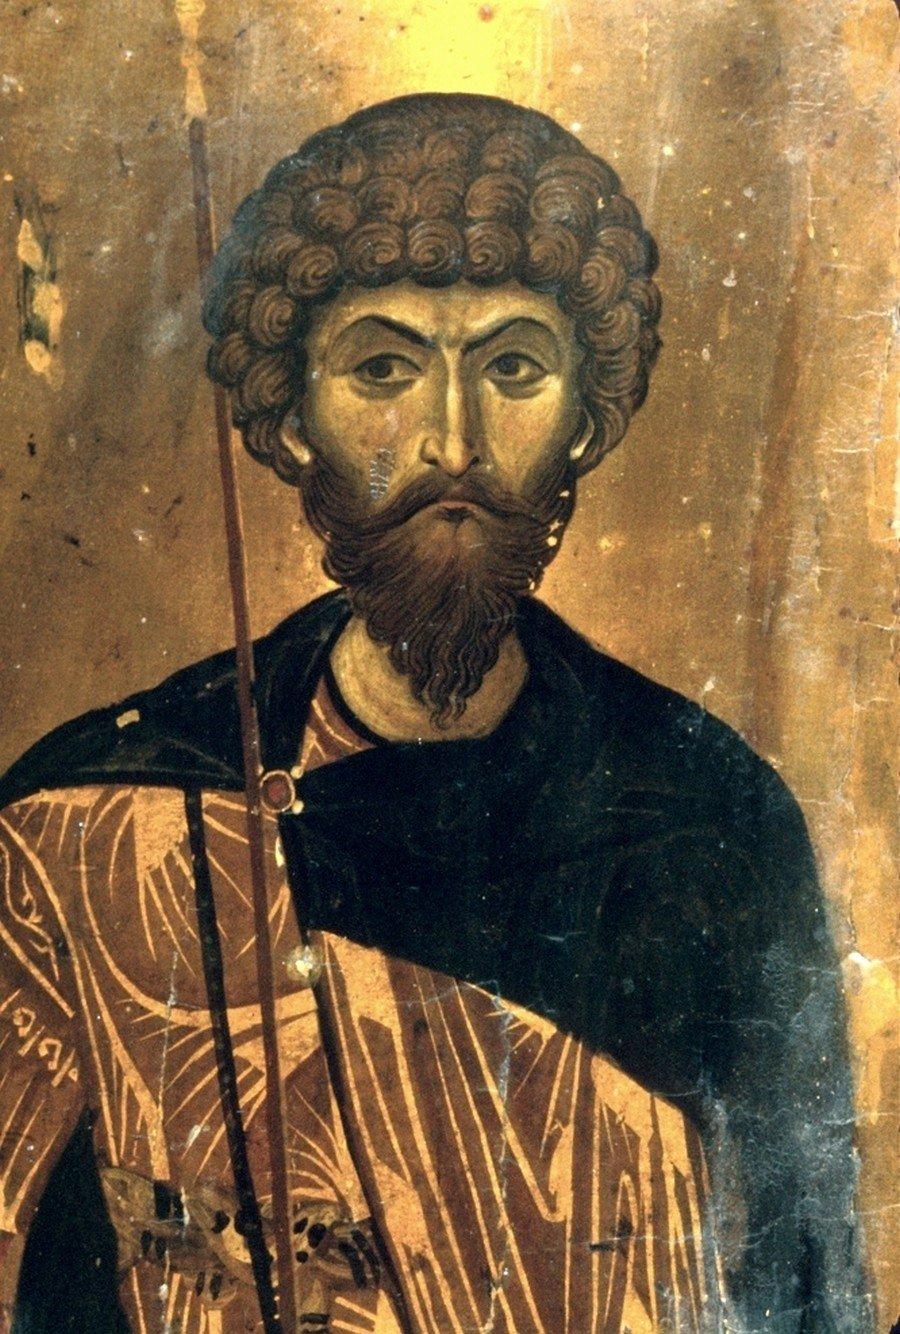 Святой Великомученик Феодор Стратилат. Фрагмент византийской иконы начала XIII века. Монастырь Святой Екатерины на Синае.